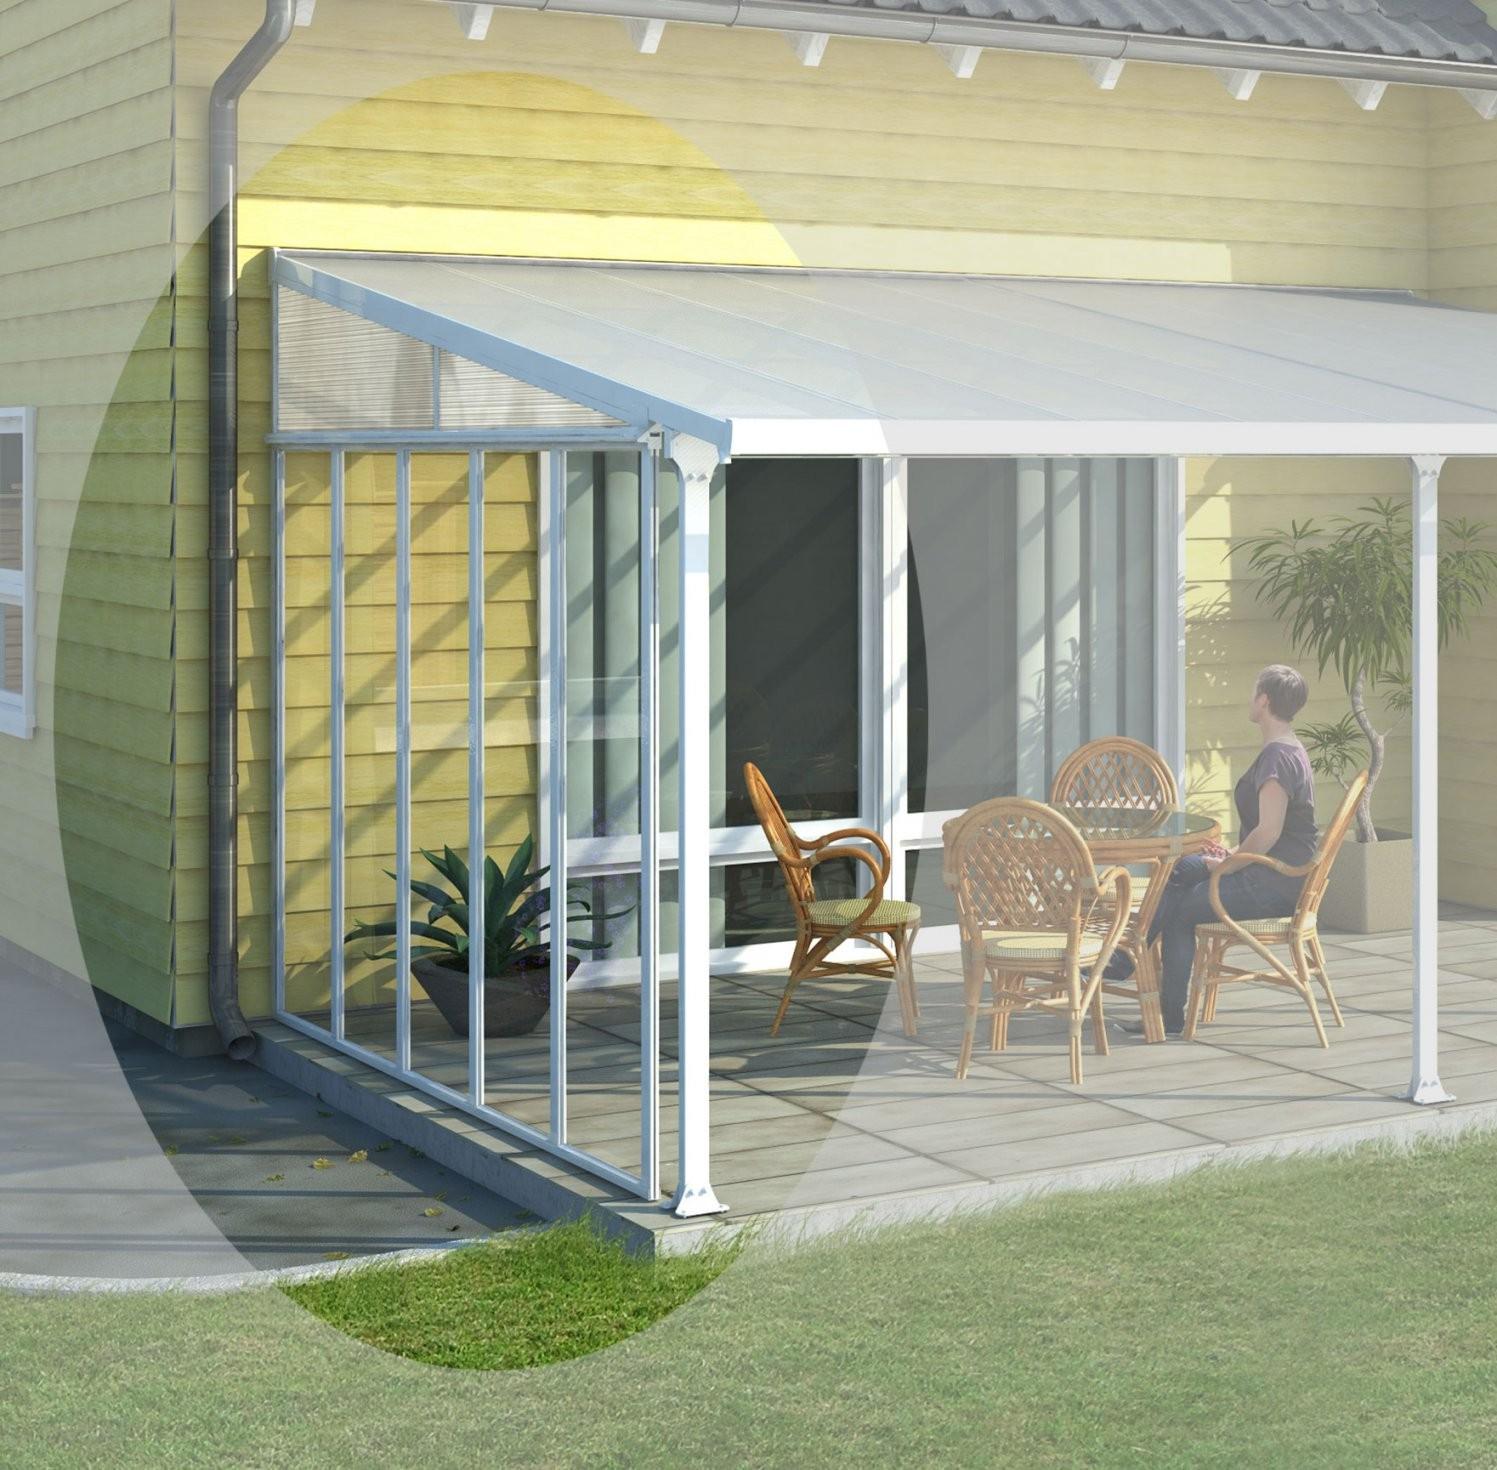 Terrassenüberdachung Aluminium Weiß  Haus Ideen von Seitenwand Für Terrassenüberdachung Selber Bauen Bild